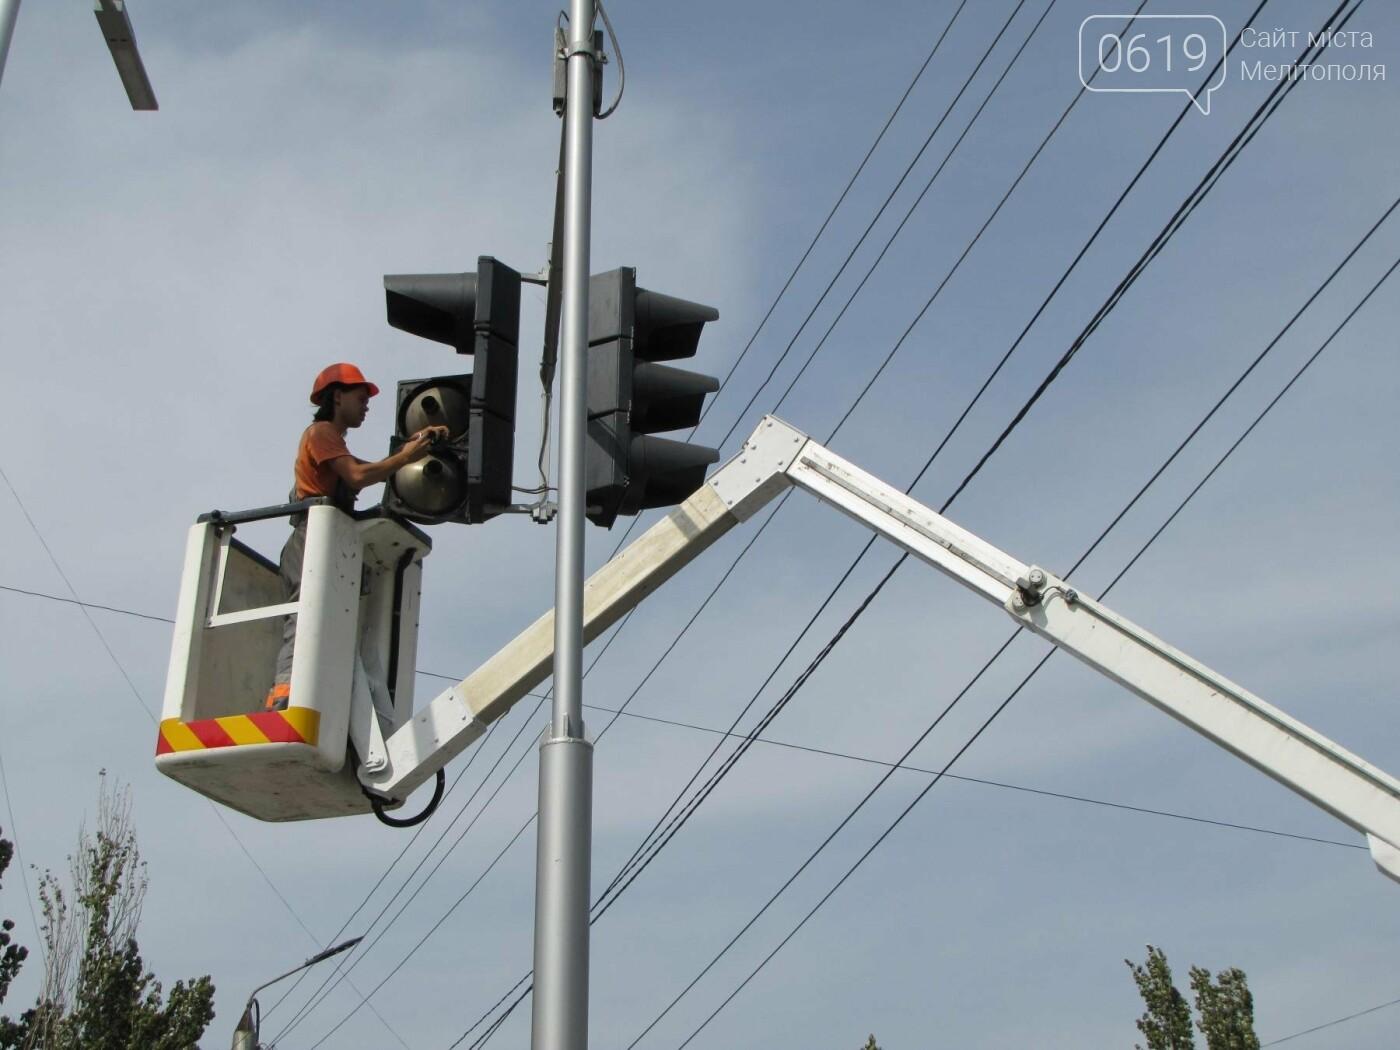 Мелитопольскому КП приобрели новую технику , фото-1, Фото сайта 0619